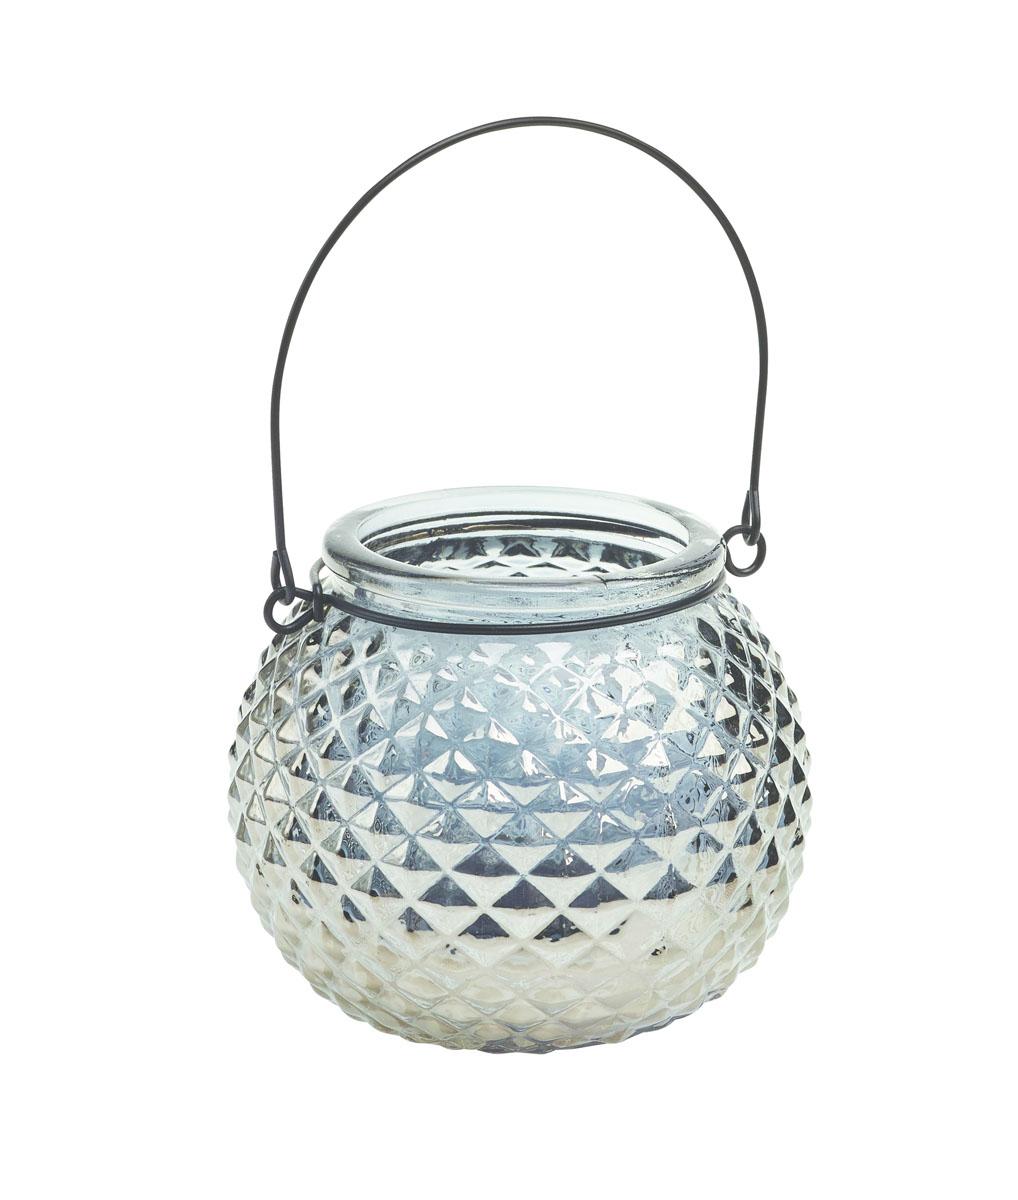 Подсвечник подвесной Gardman Honey Pot. Diamond, цвет: серебристый, 8,5 см17914Декоративный подсвечник Gardman Honey Pot. Diamond, изготовленный из высококачественного стекла, позволит украсить интерьер дома или рабочего кабинета оригинальным образом. Вы можете поставить или подвесить подсвечник в любом месте, где он будет удачно смотреться и радовать глаз. Кроме того - это отличный вариант подарка для ваших близких и друзей.